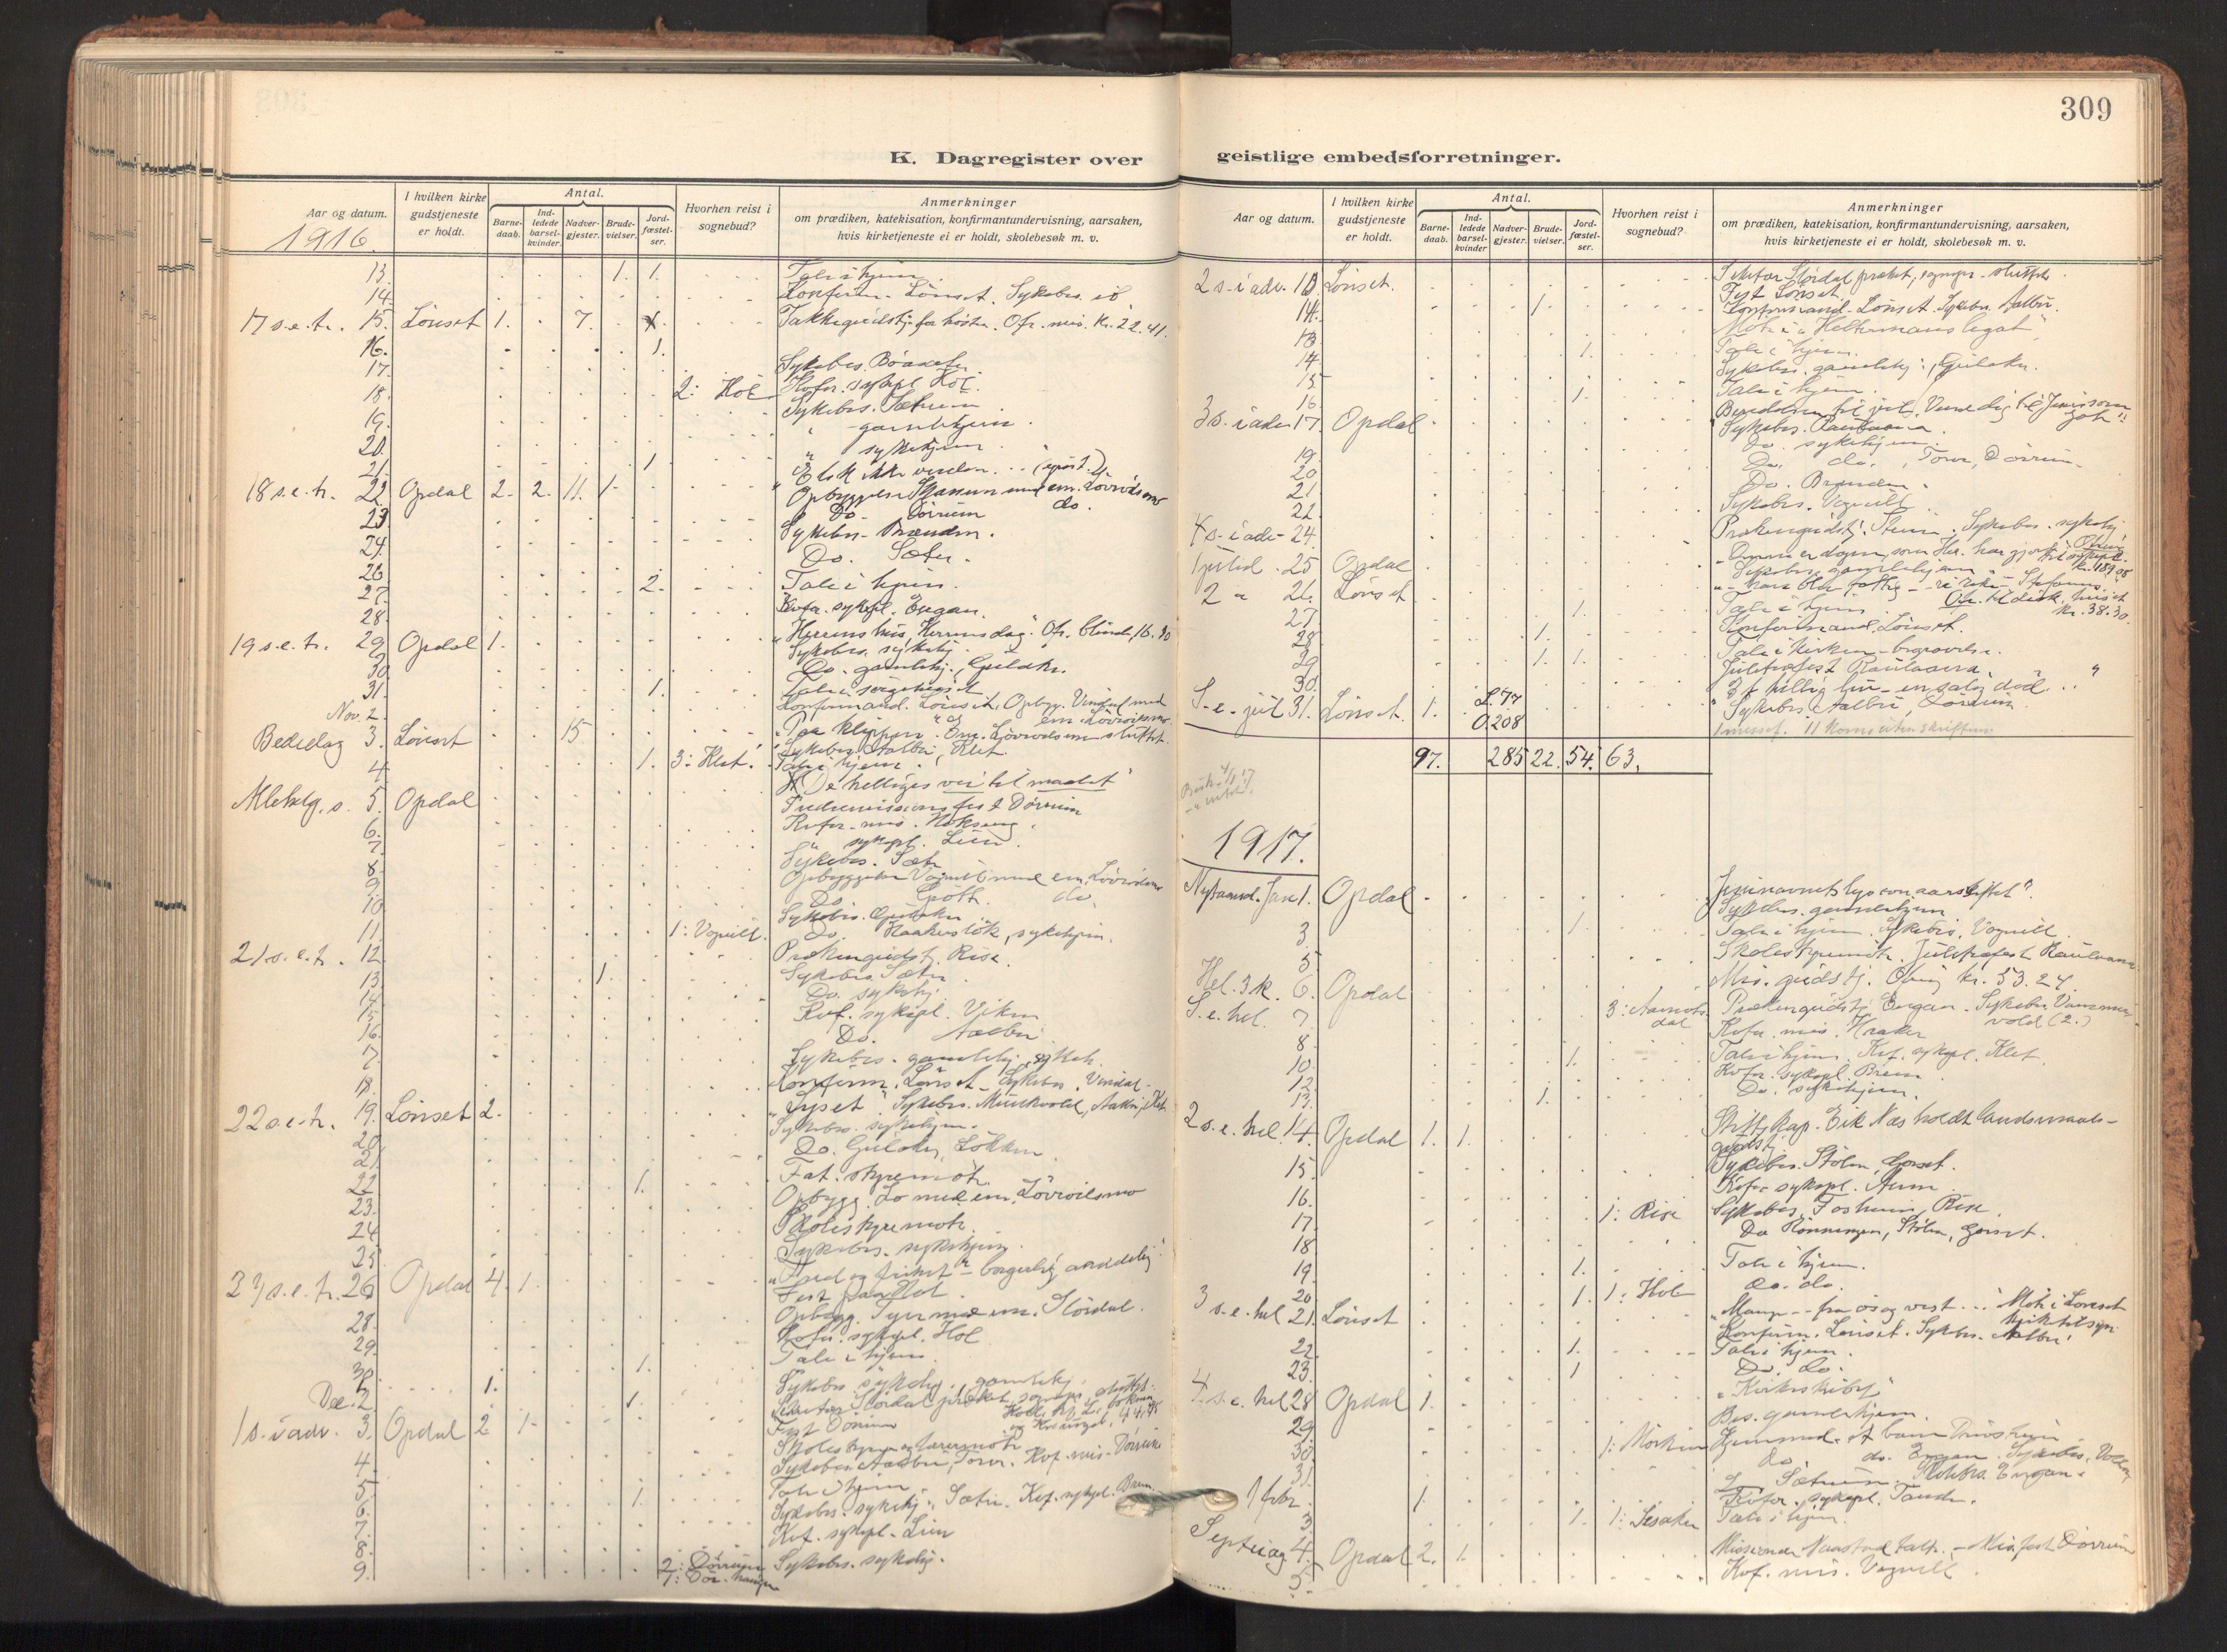 SAT, Ministerialprotokoller, klokkerbøker og fødselsregistre - Sør-Trøndelag, 678/L0909: Ministerialbok nr. 678A17, 1912-1930, s. 309